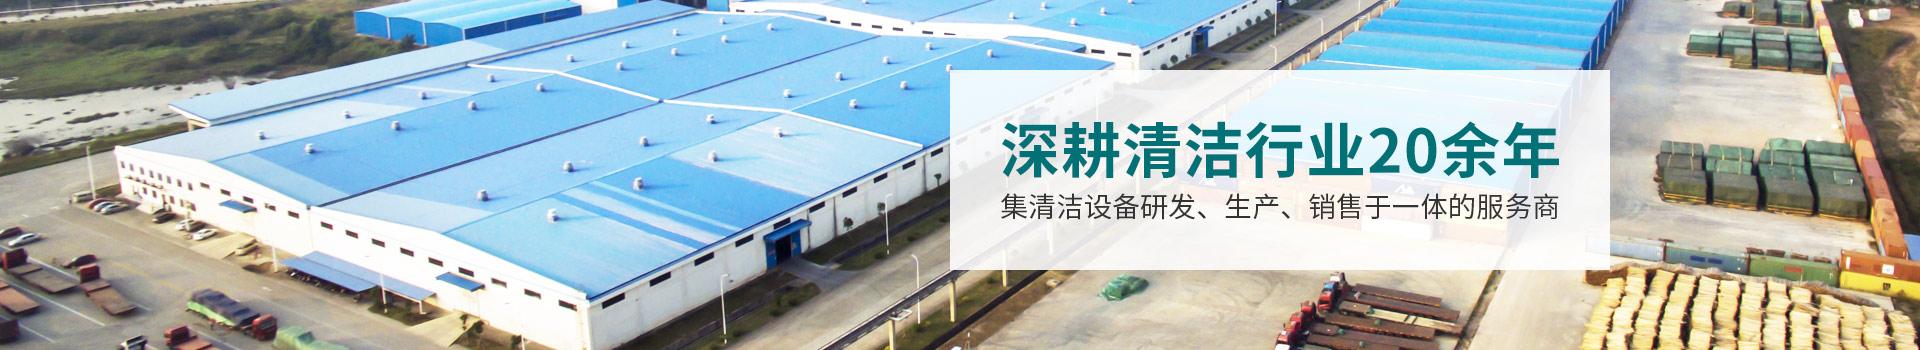 坦力清洁设备集清洁设备研发,生产,销售于一体的服务商